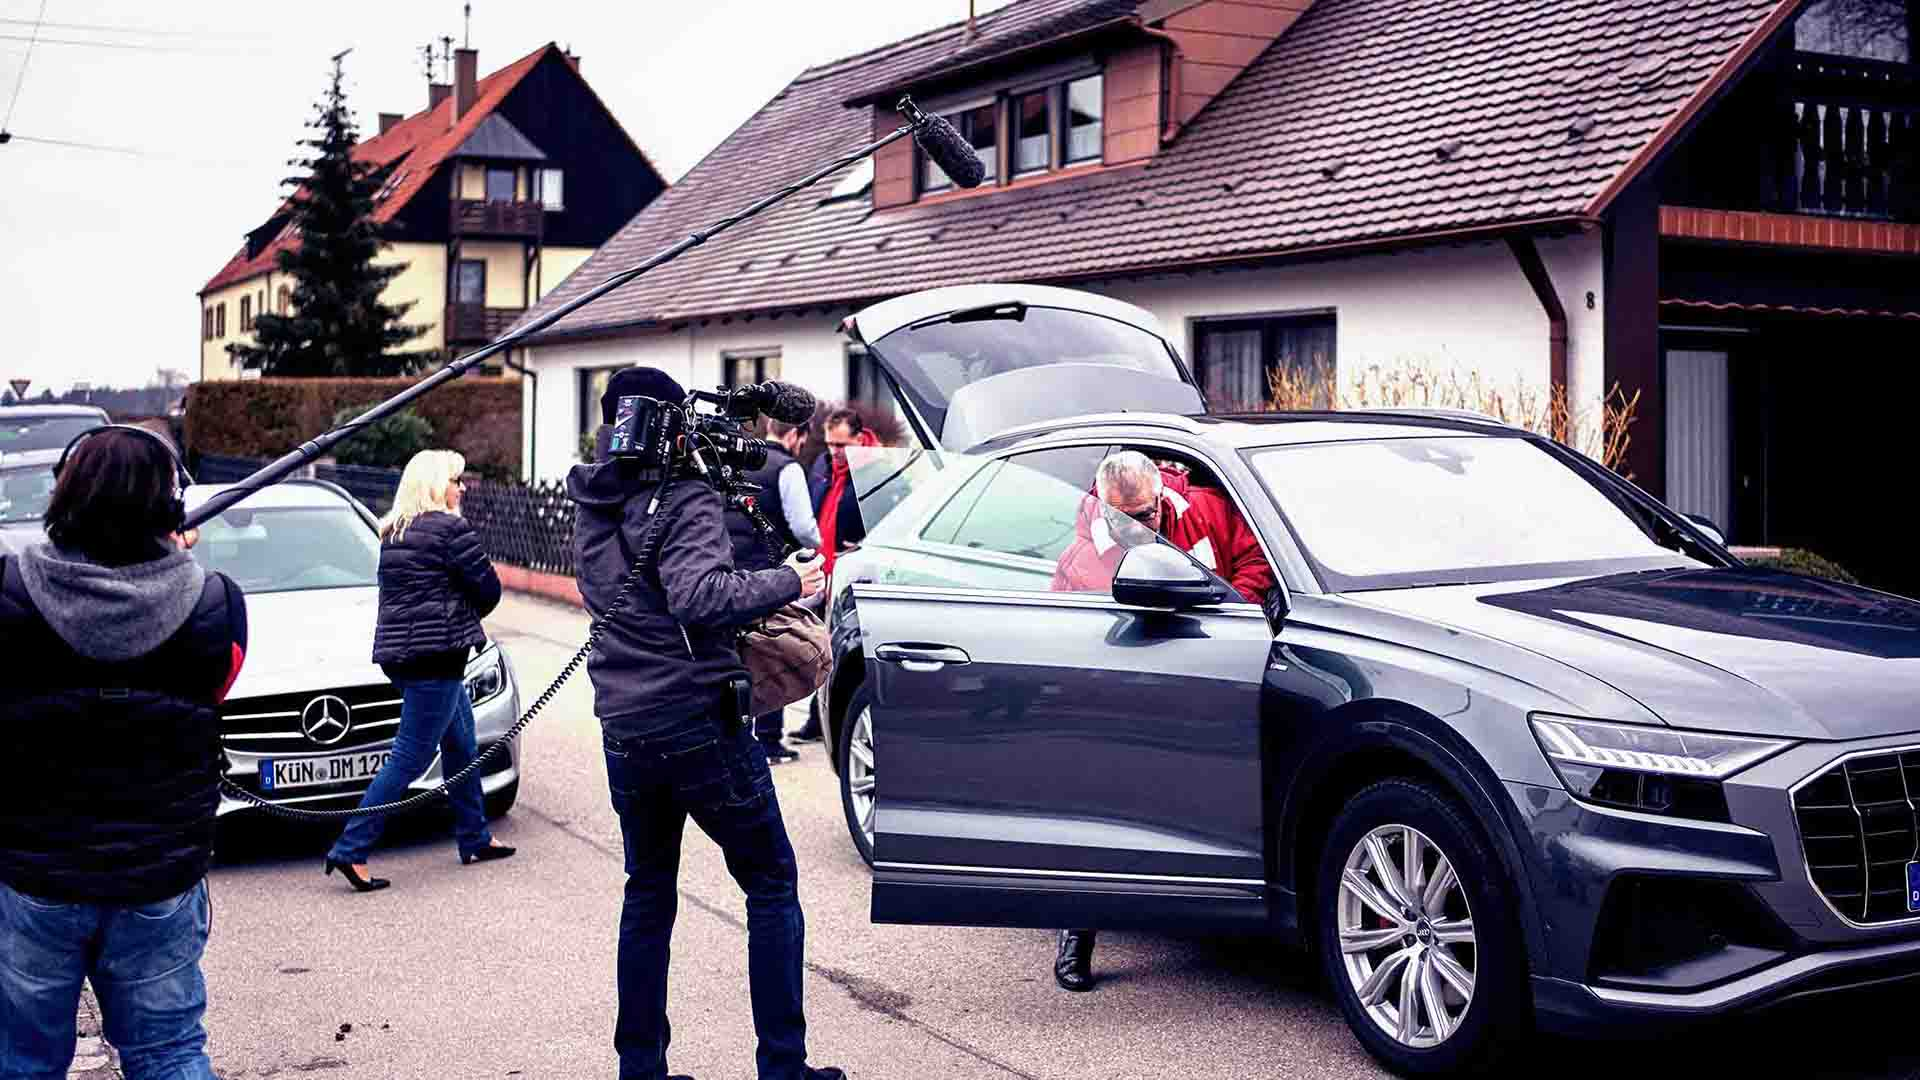 Das Bild zeigt ein parkendes Auto, das vor einem Haus steht. Aus dem Auto steigt ein Mann aus. Dieser wird von einem Kamerateam begleitet welches ihn filmt. Das Team läuft um das Auto herum. Das Bild dient als Sliderbild für den Portfolioeintrag Audi | FC Bayern München Ehrenrunde von Panda Pictures.